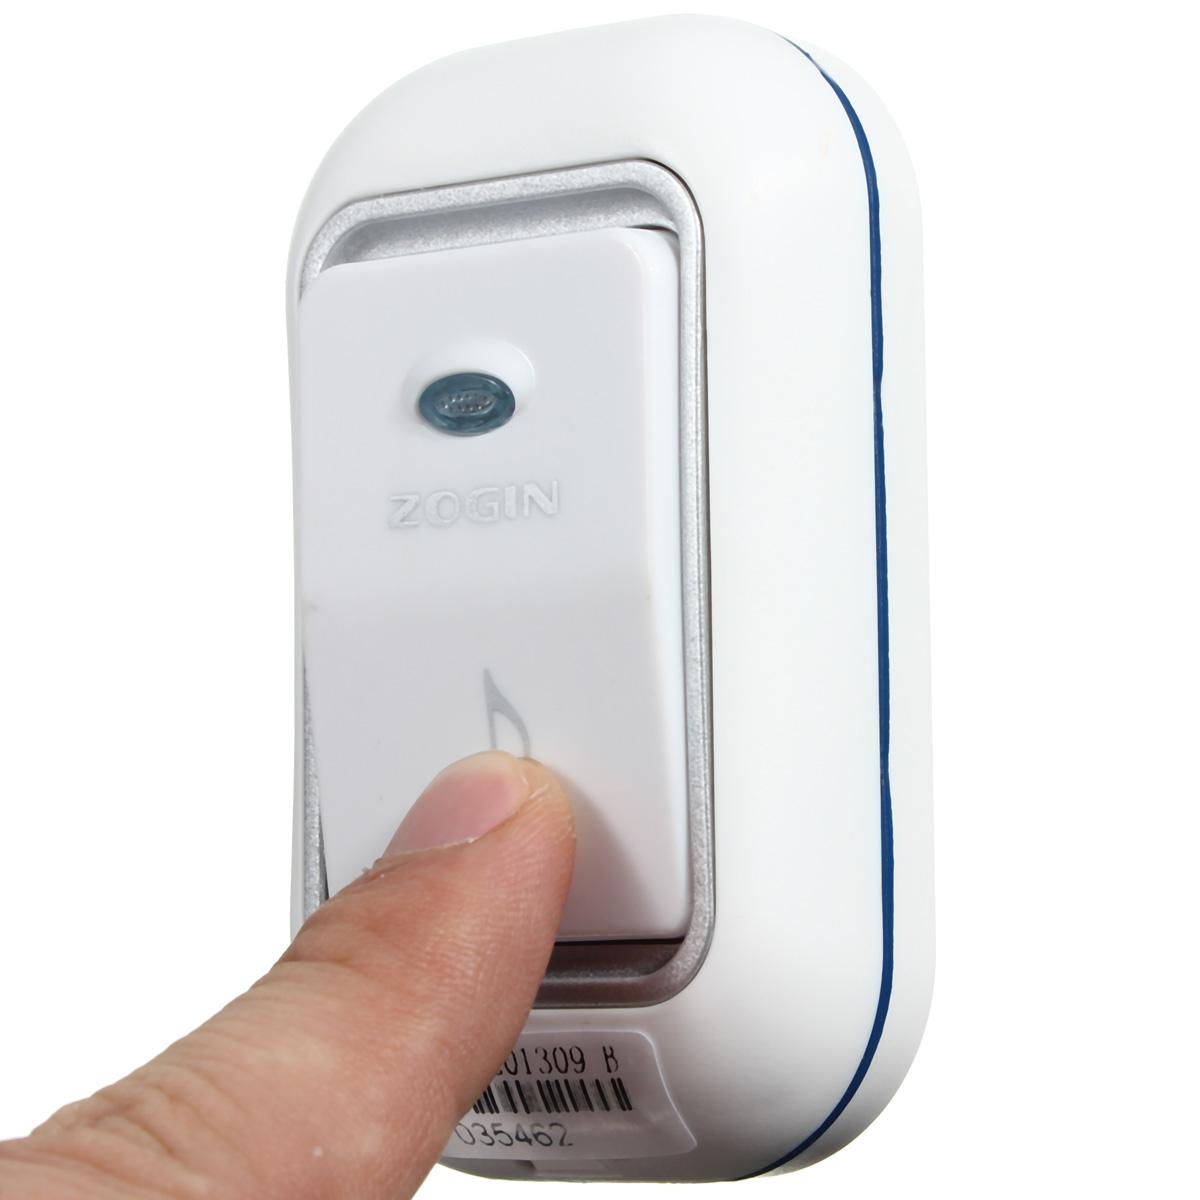 Wireless campanello citofono senza fili per casa ufficio - Citofono per casa prezzi ...